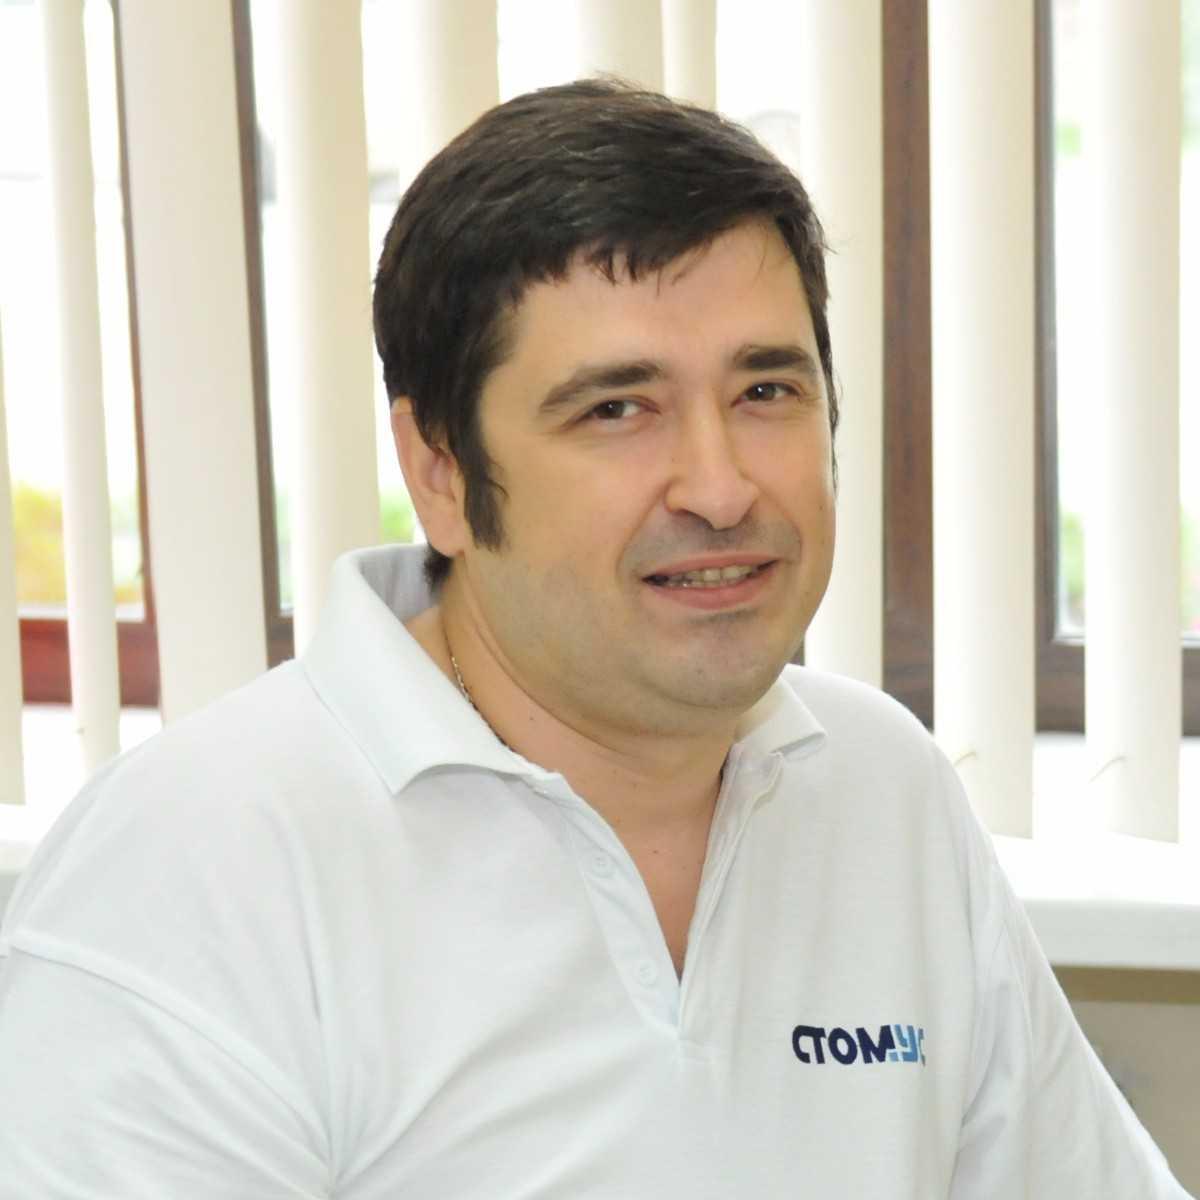 Бухараев Артем Ильдарович - фотография